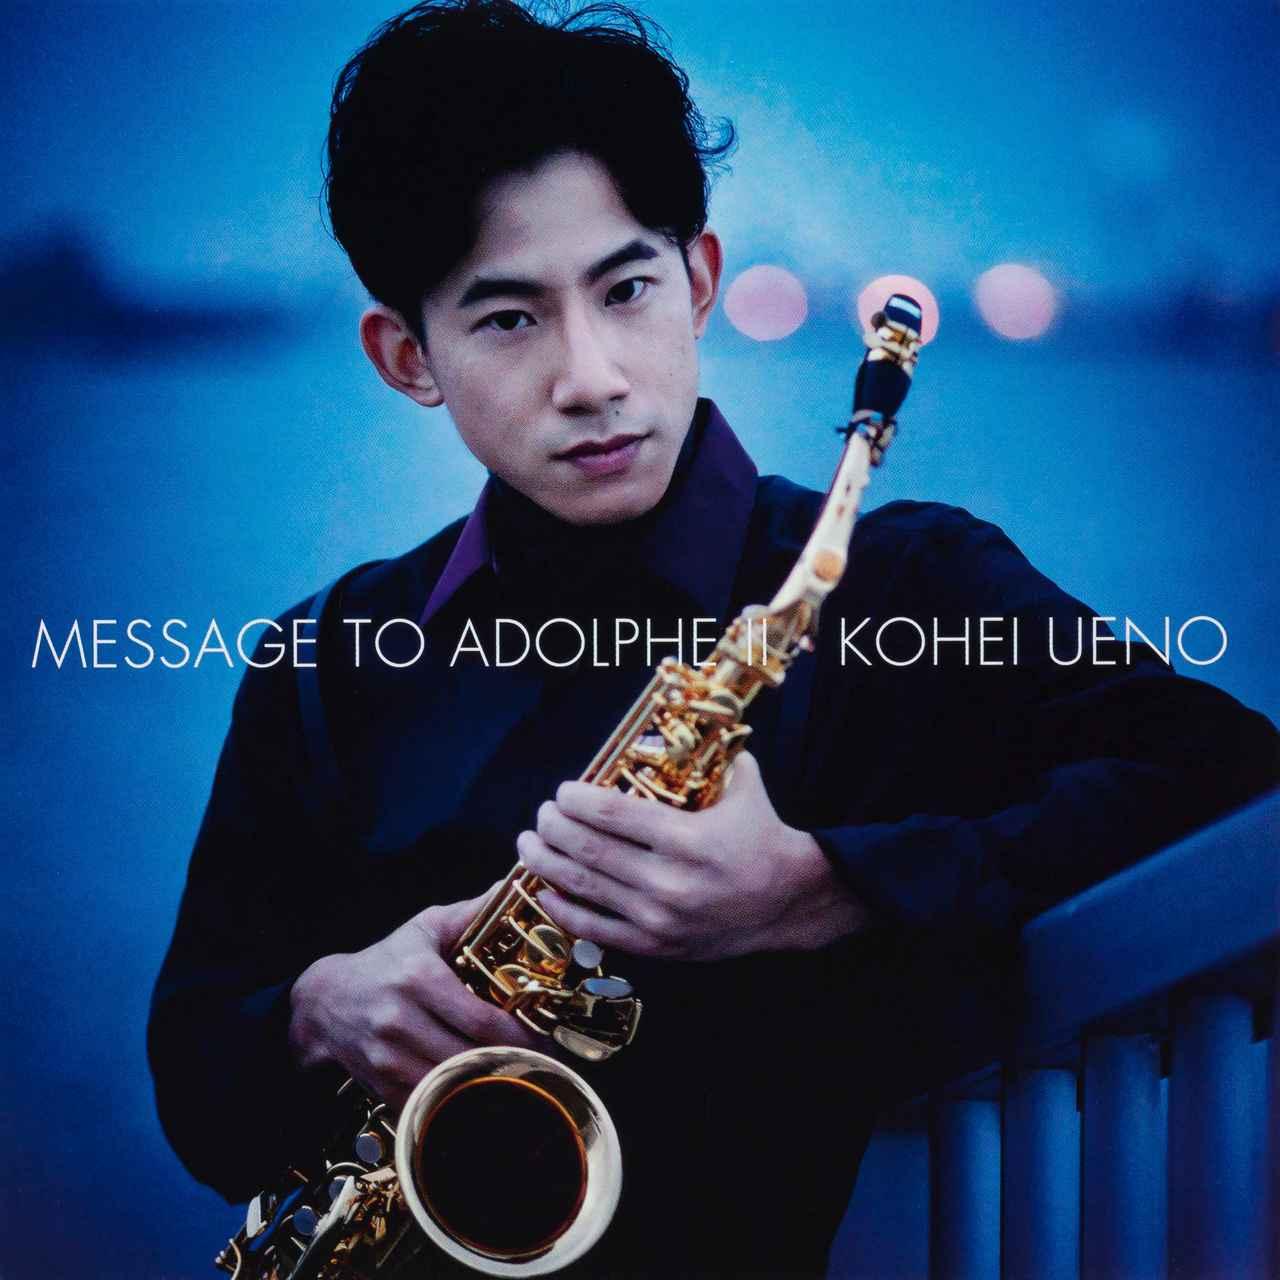 画像: 上野耕平 「ブエノ ウエノ」 アルバム『アドルフに告ぐ2』より